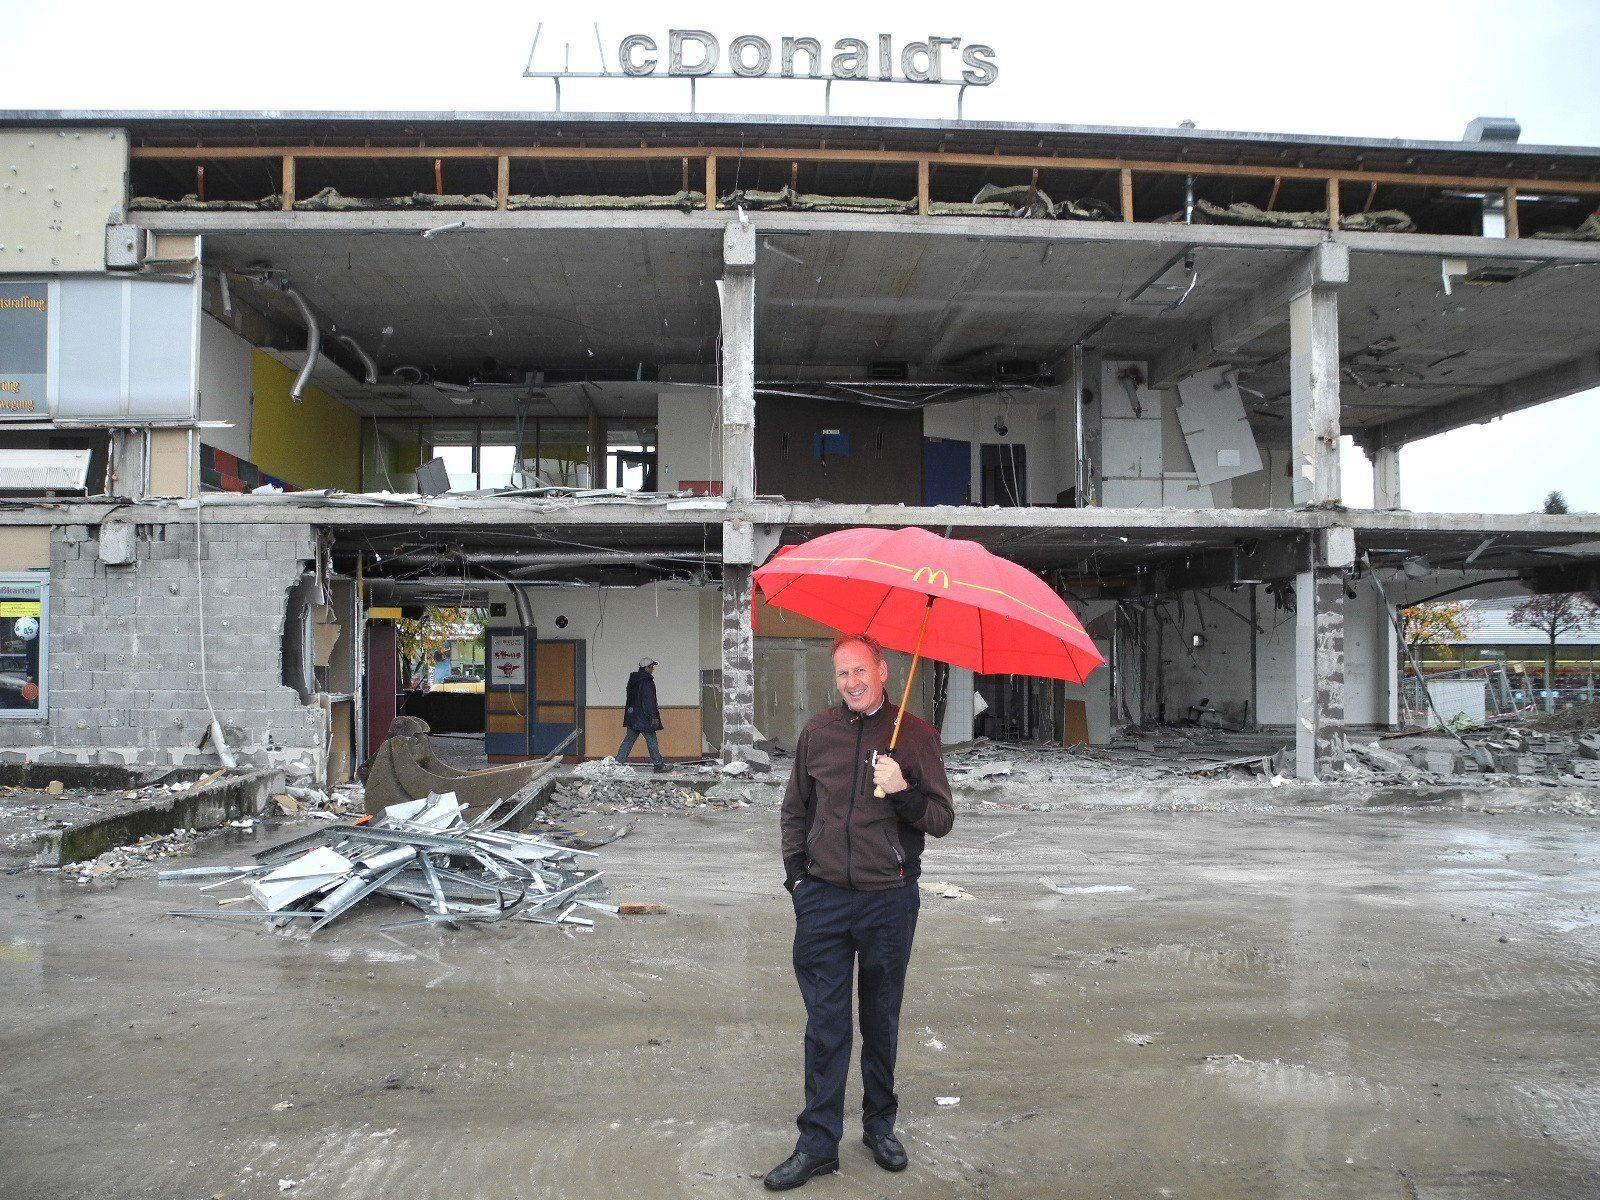 Loek Versluis, der Franchisenehmer von McDonald's, steht vor der Ruine seines ausgehölten Restaurants